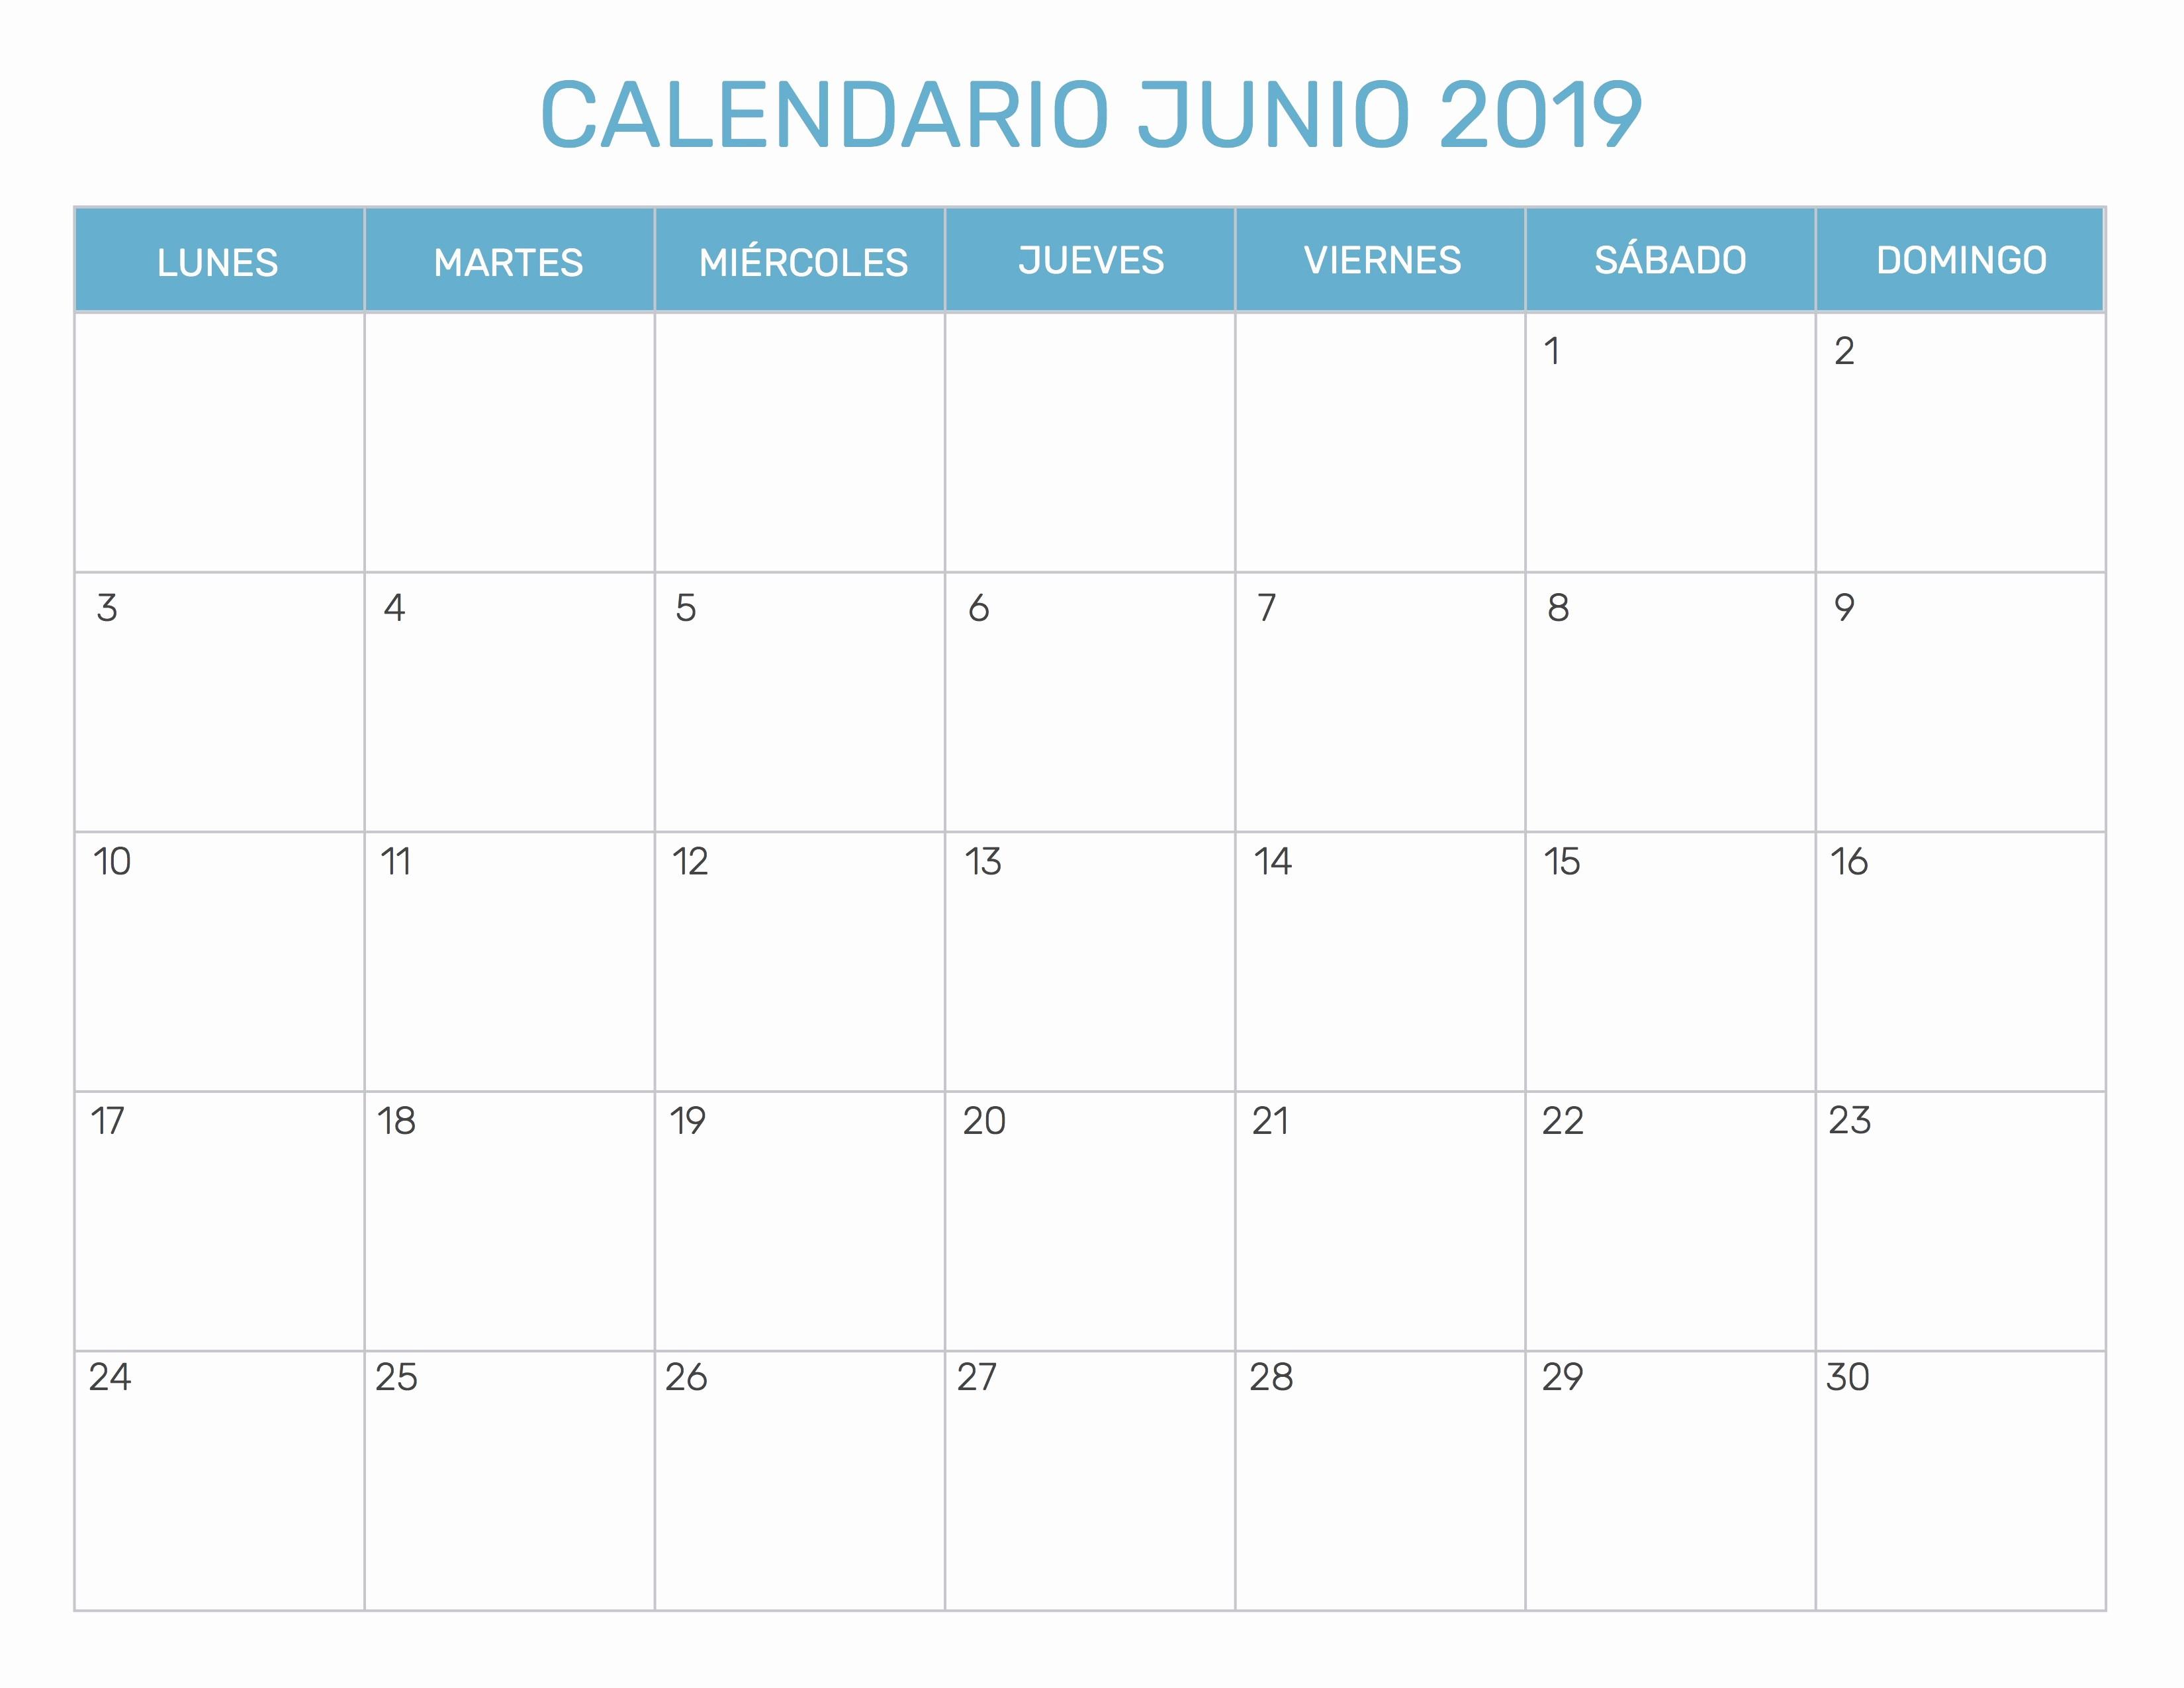 Calendario Enero 2019 Argentina Para Imprimir Actual Calendario Junio 2019 En Blanco Calendario 2018 Para Imprimir Junio Of Calendario Enero 2019 Argentina Para Imprimir Más Arriba-a-fecha Es Imprimir Calendario 2019 En Ingles